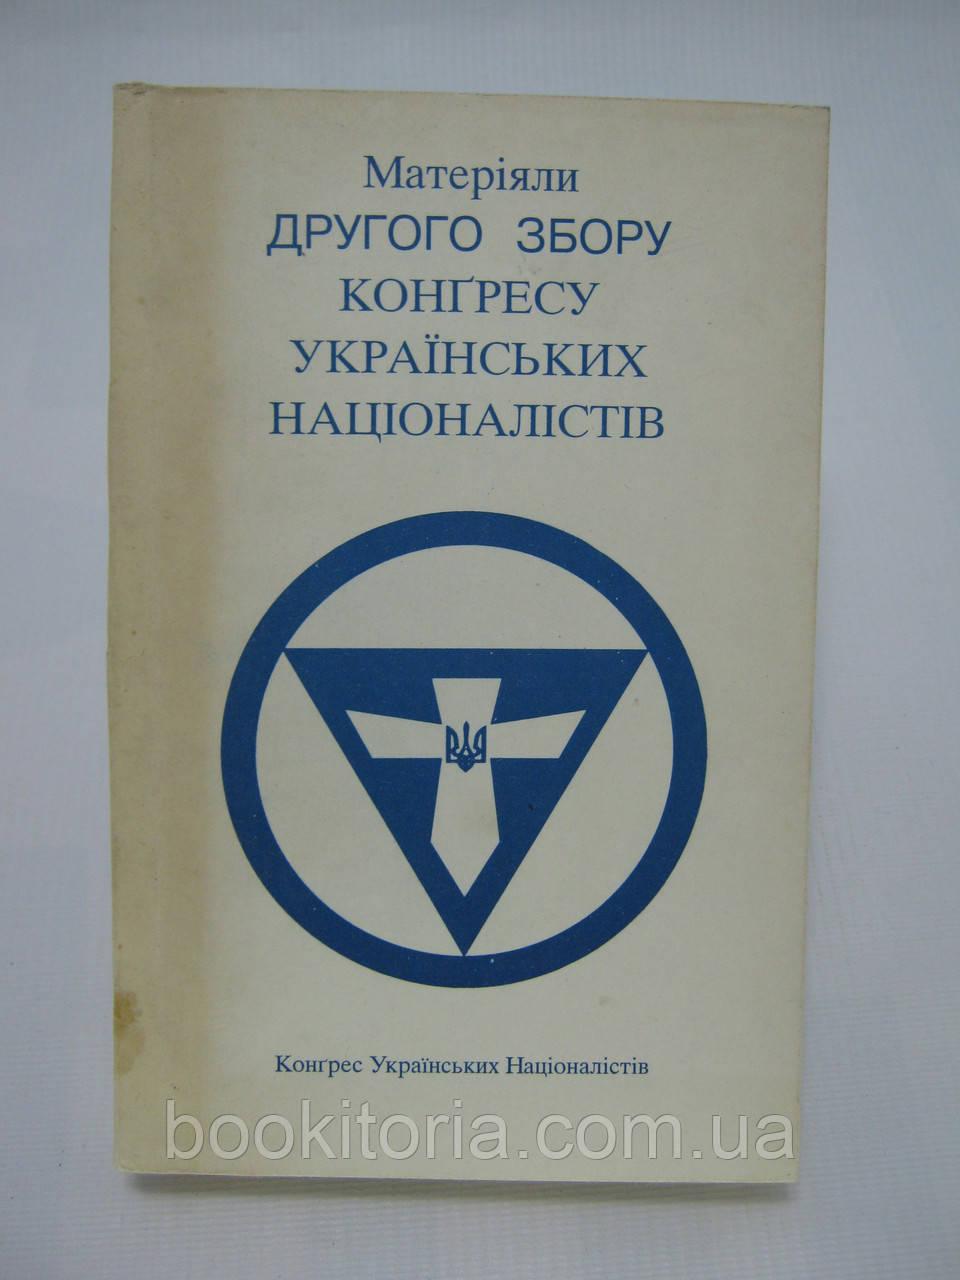 Матеріяли Другого Збору Конгресу українських націоналістів (б/у).